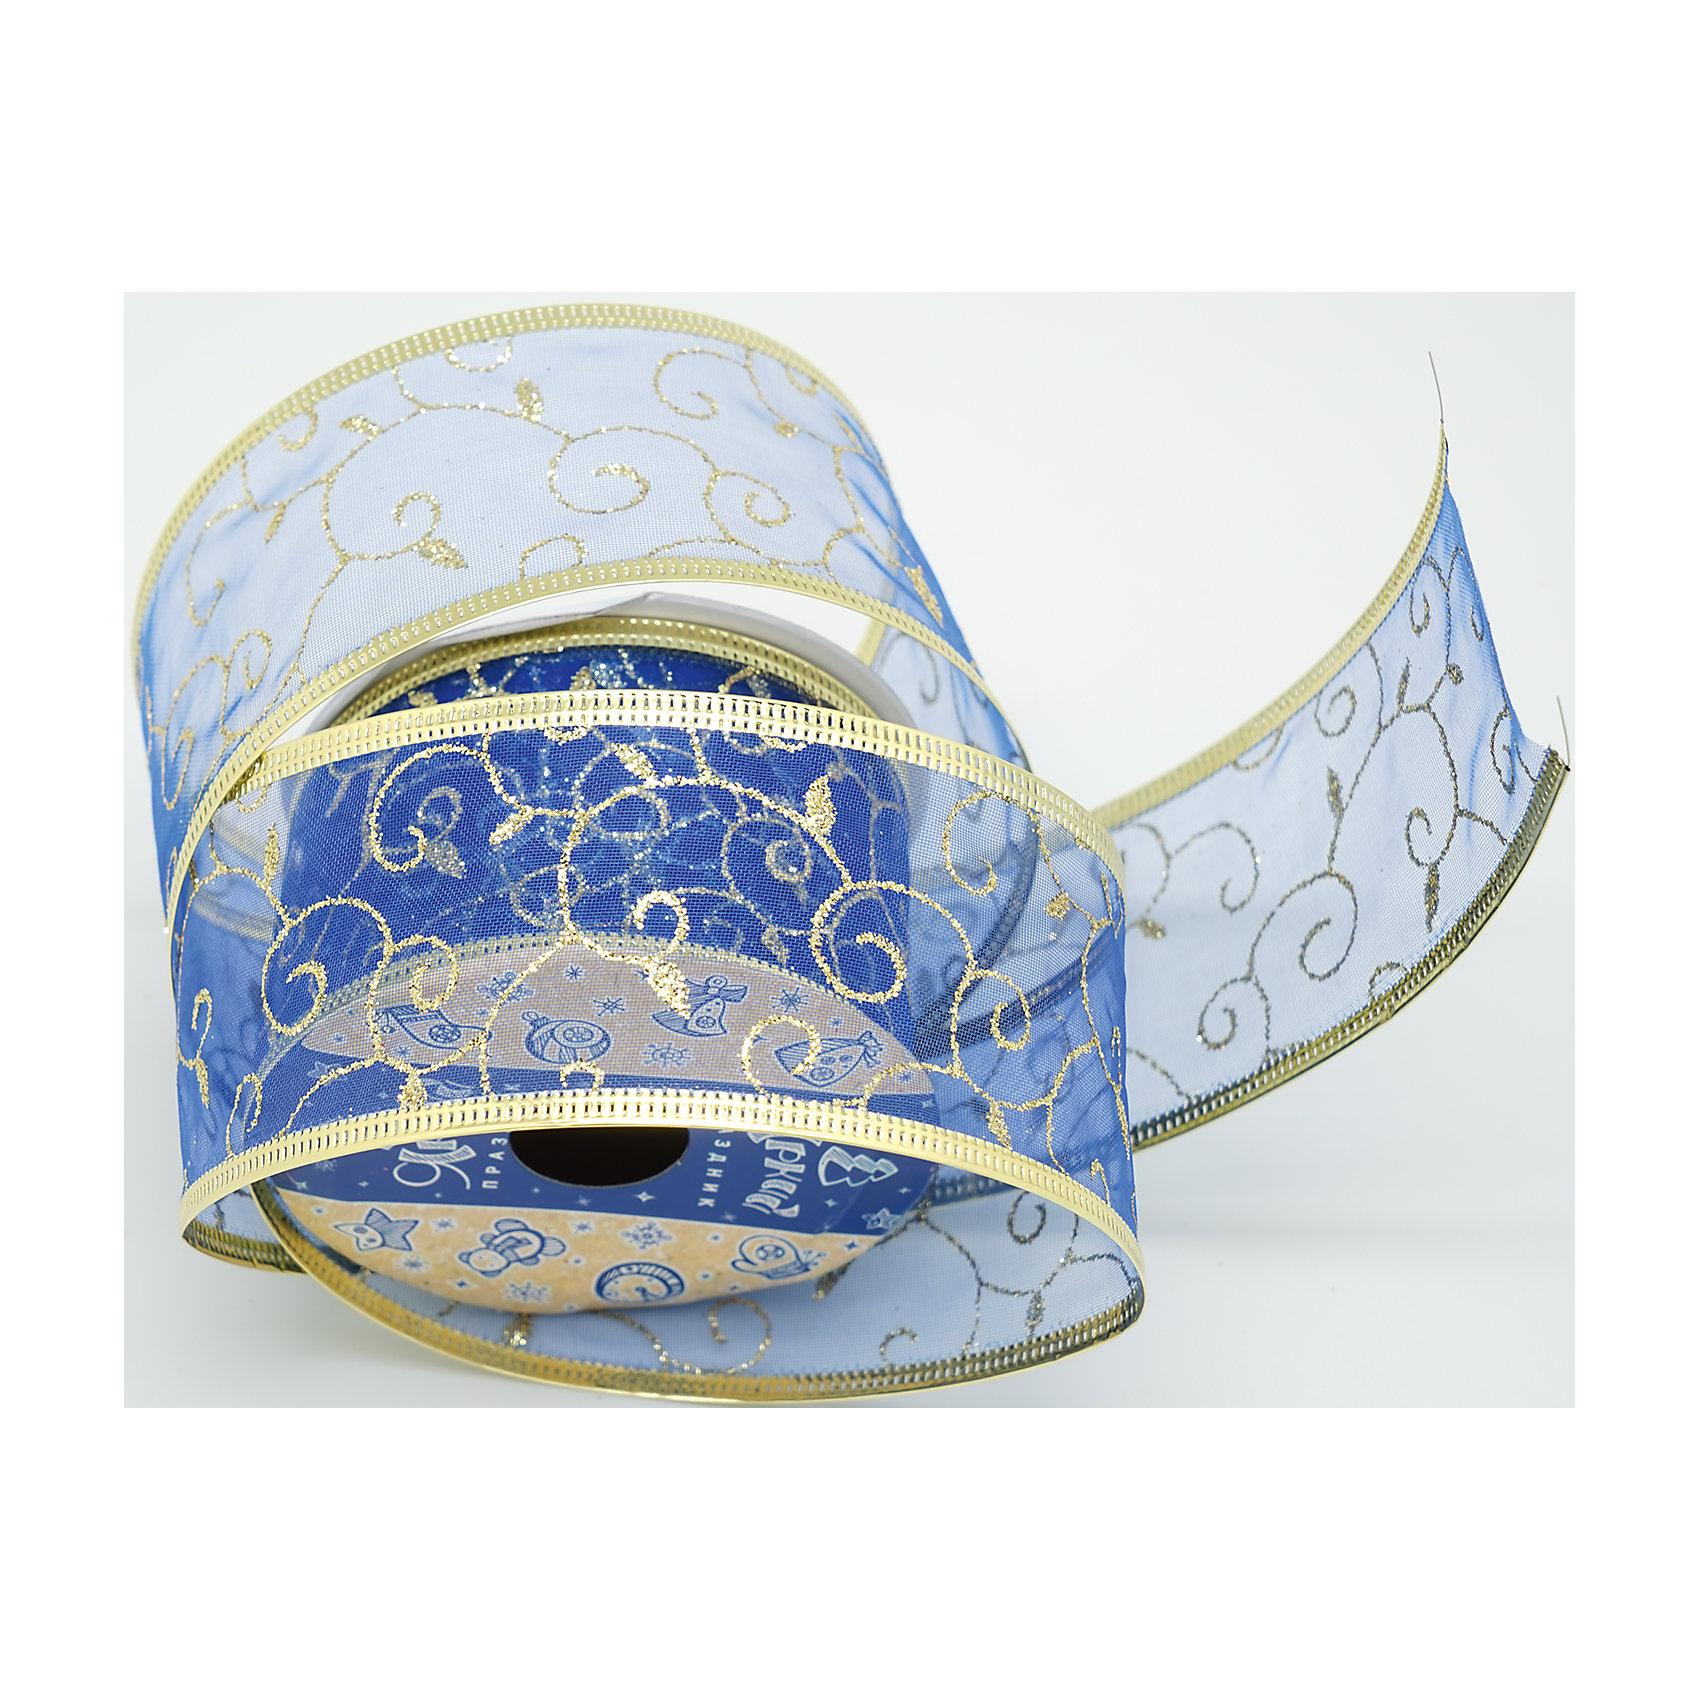 Декоративная лента, синяя с блестками (0,08Х0,08Х0,05м)Характеристики товара:<br><br>• цвет: синий<br>• золотистые включения<br>• ширина: 5 см<br>• размер упаковки: 8х8х5 см<br>• комплектация: 1 рулон<br>• материал: нейлон<br>• полупрозрачная<br>• для украшения интерьера или подарков<br>• страна производства: Китай<br><br>Бант из ленты - это универсальное украшение, он добавит торжественности и духа праздника прическе, интерьеру, подарочной упаковке, ёлке! Это украшение будет отлично смотреться в окружении любой цветовой гаммы, оно качественно выполнено и нарядно смотрится. С помощью такой ленты можно оригинально украсить ёлку к празднику и декорировать пакет или коробку с подарком.<br>Такие небольшие детали и создают праздник! От них во многом зависит хорошее новогоднее настроение. Изделие производится из качественных сертифицированных материалов, безопасных даже для самых маленьких.<br><br>Декоративную ленту (0,08Х0,08Х0,05м) можно купить в нашем интернет-магазине.<br><br>Ширина мм: 80<br>Глубина мм: 80<br>Высота мм: 50<br>Вес г: 70<br>Возраст от месяцев: 72<br>Возраст до месяцев: 480<br>Пол: Унисекс<br>Возраст: Детский<br>SKU: 5051648